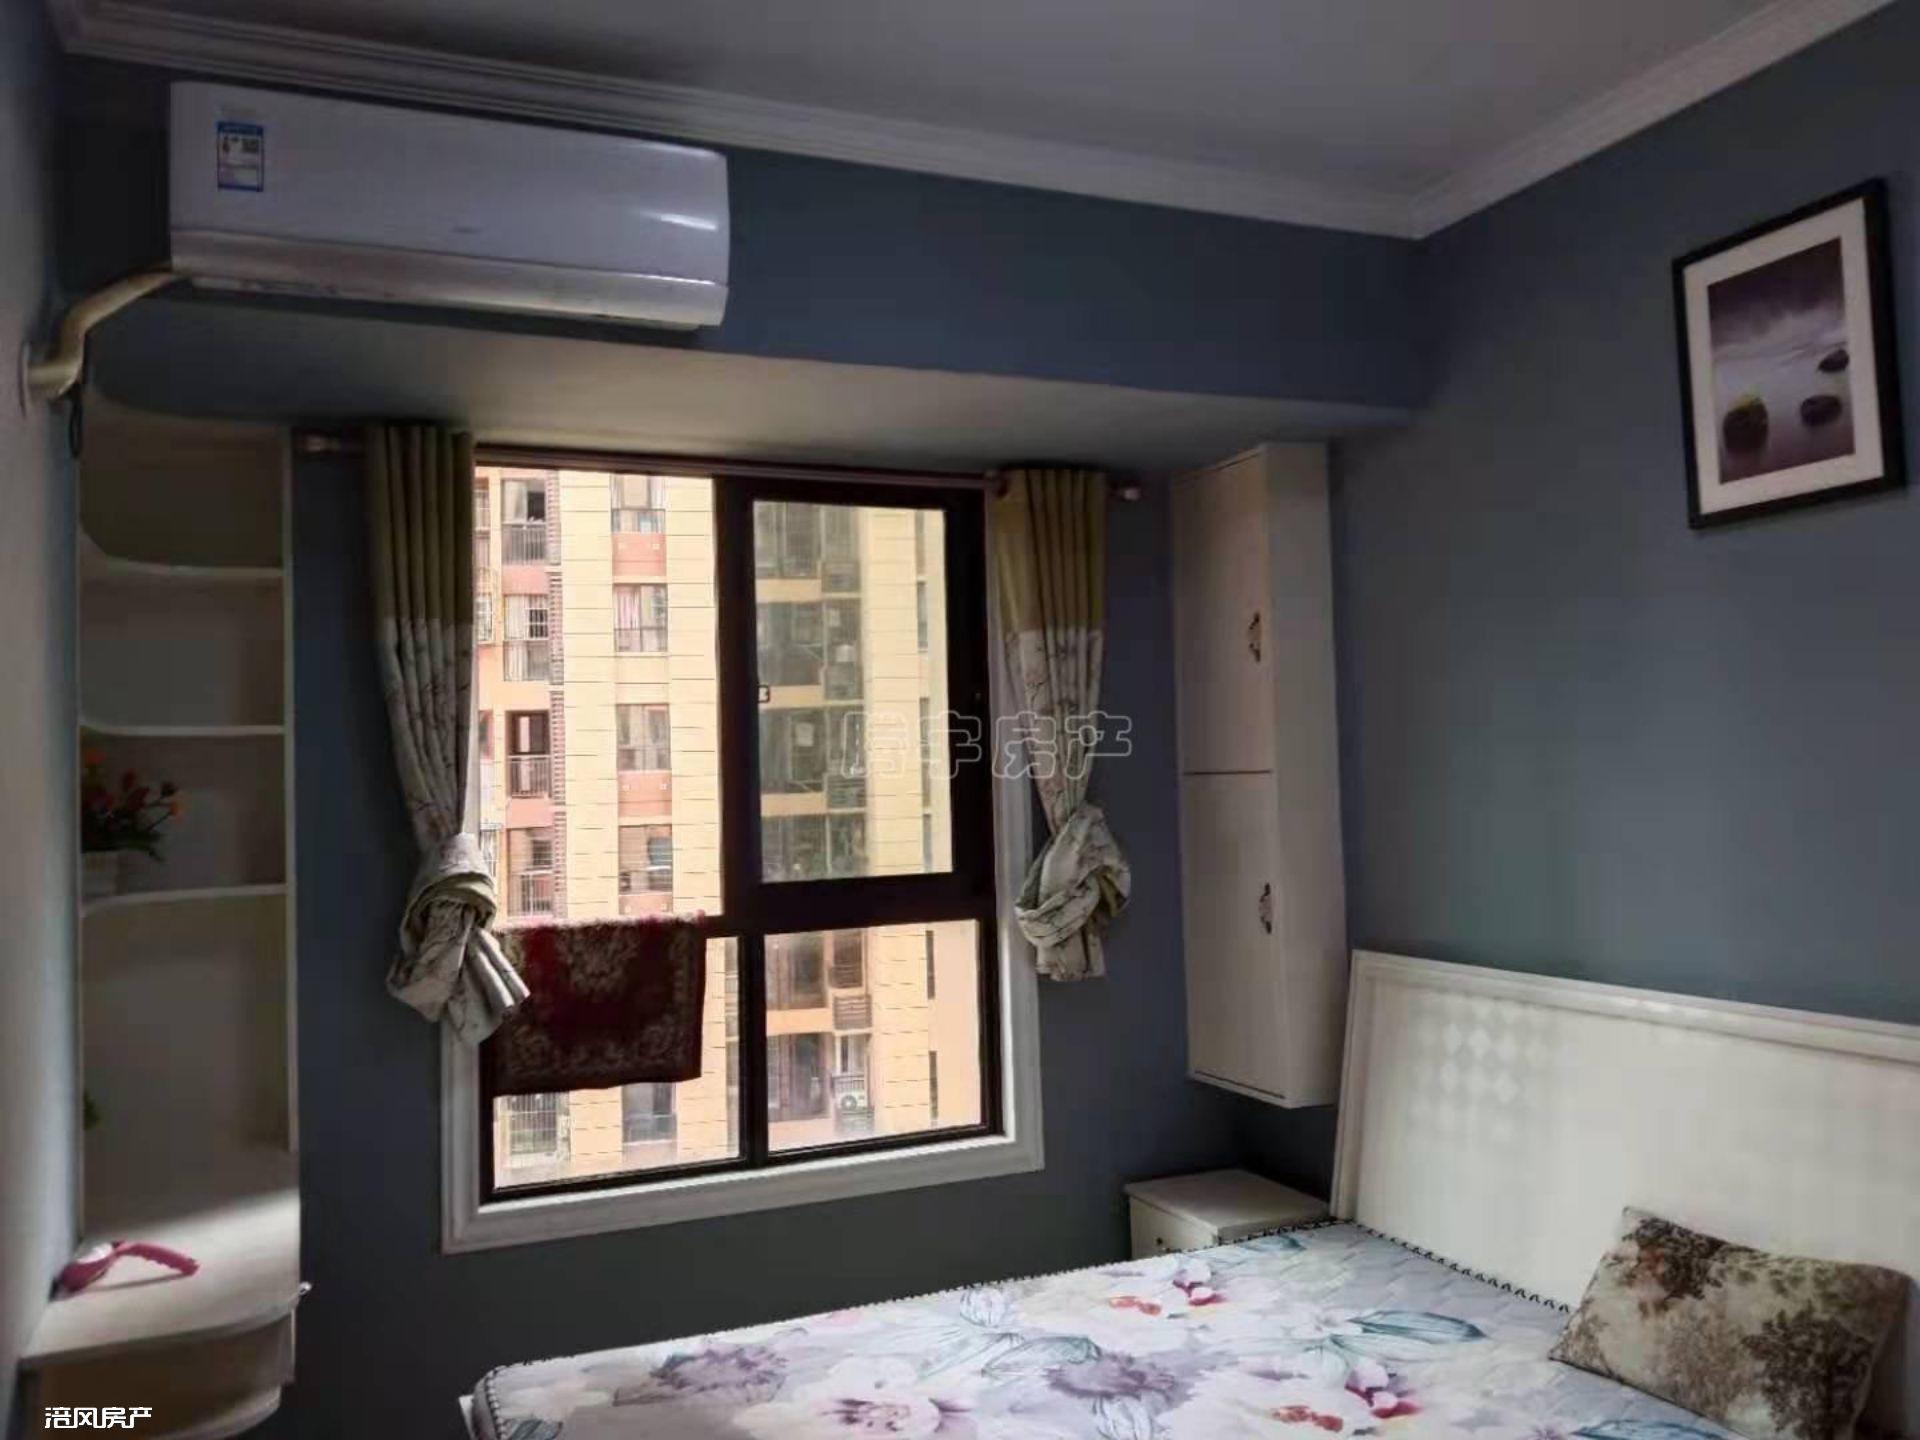 出租泽胜温泉城3室2厅1卫63平米1500元/月住宅